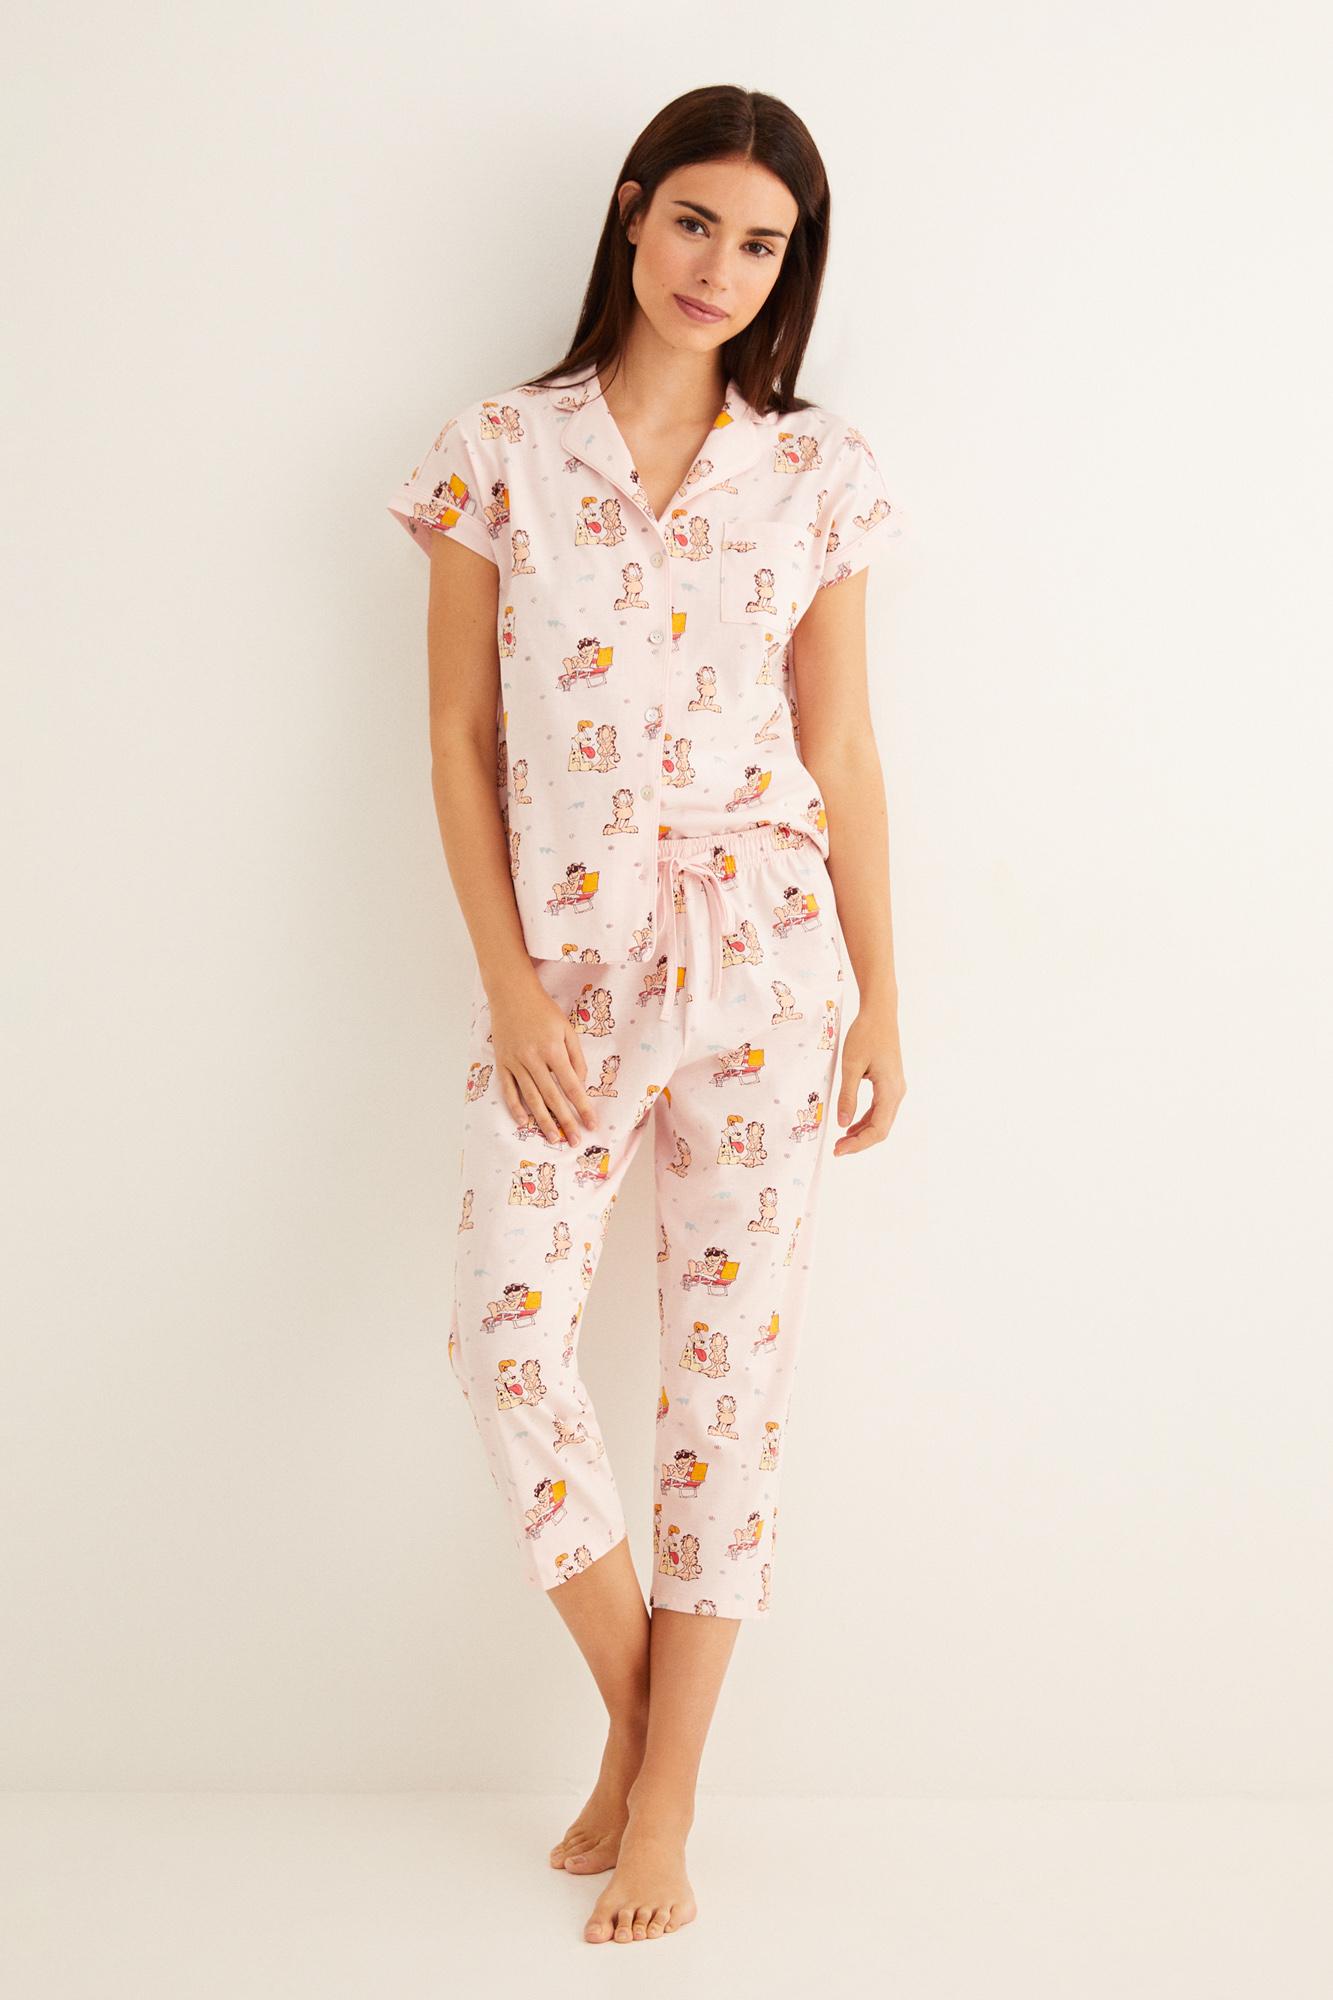 Pijama camisero Garfield | Pijamas largos | Women'secret